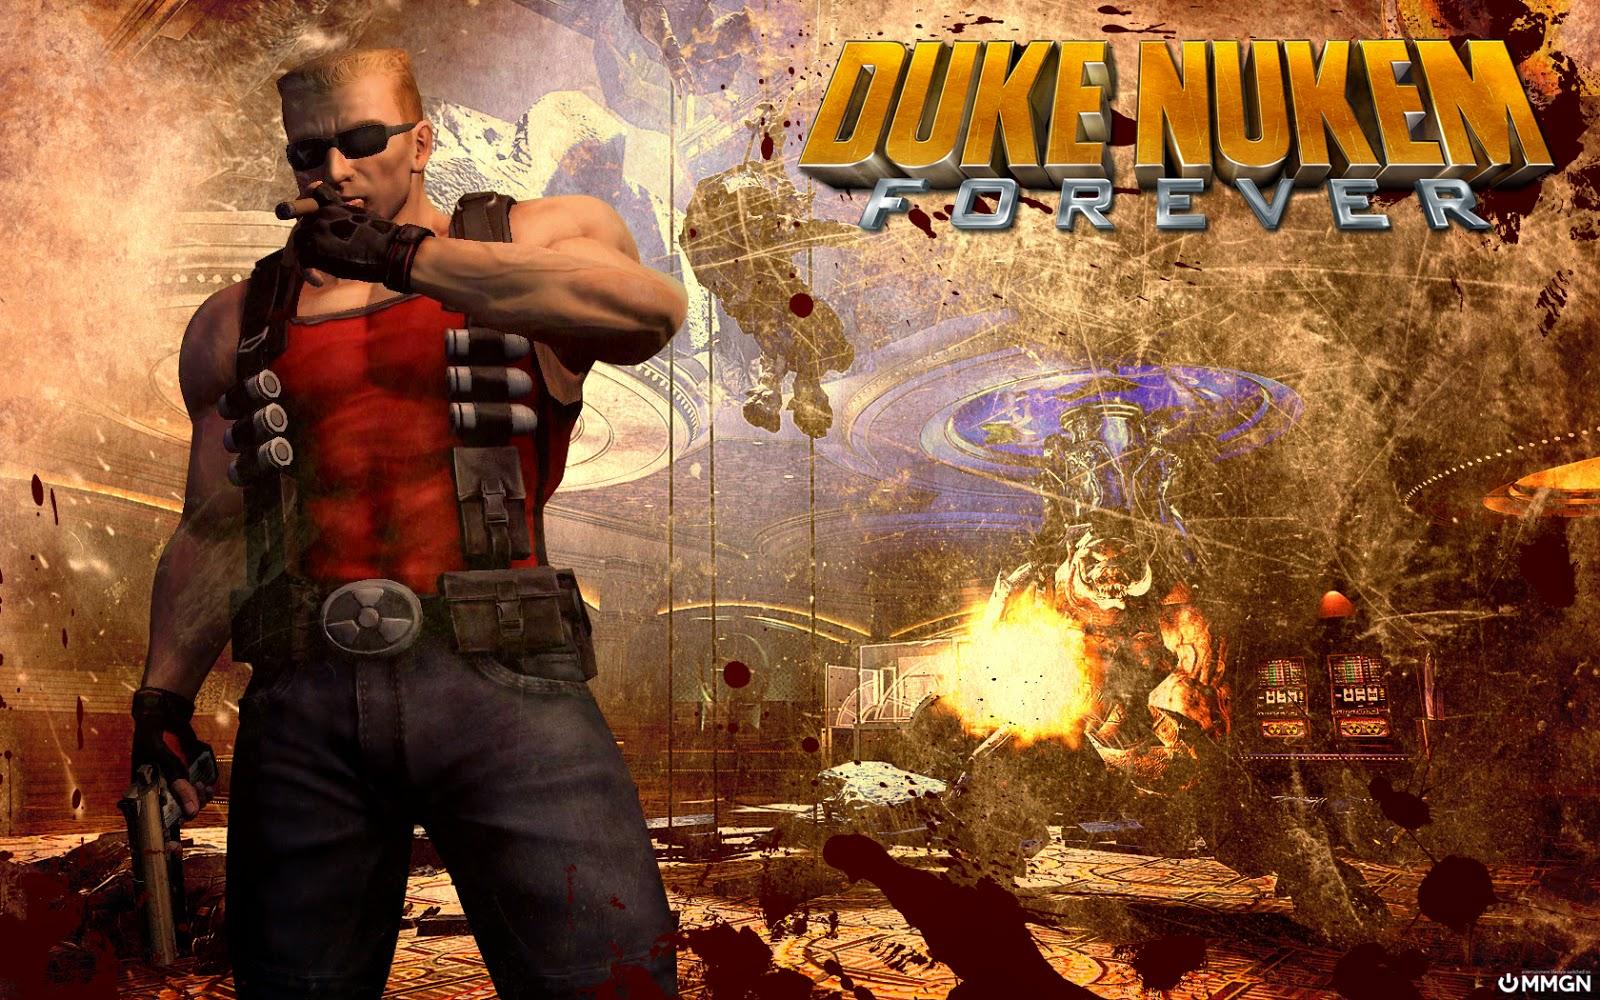 Duke nukem 3d pc game free download full version (13mb) games full.